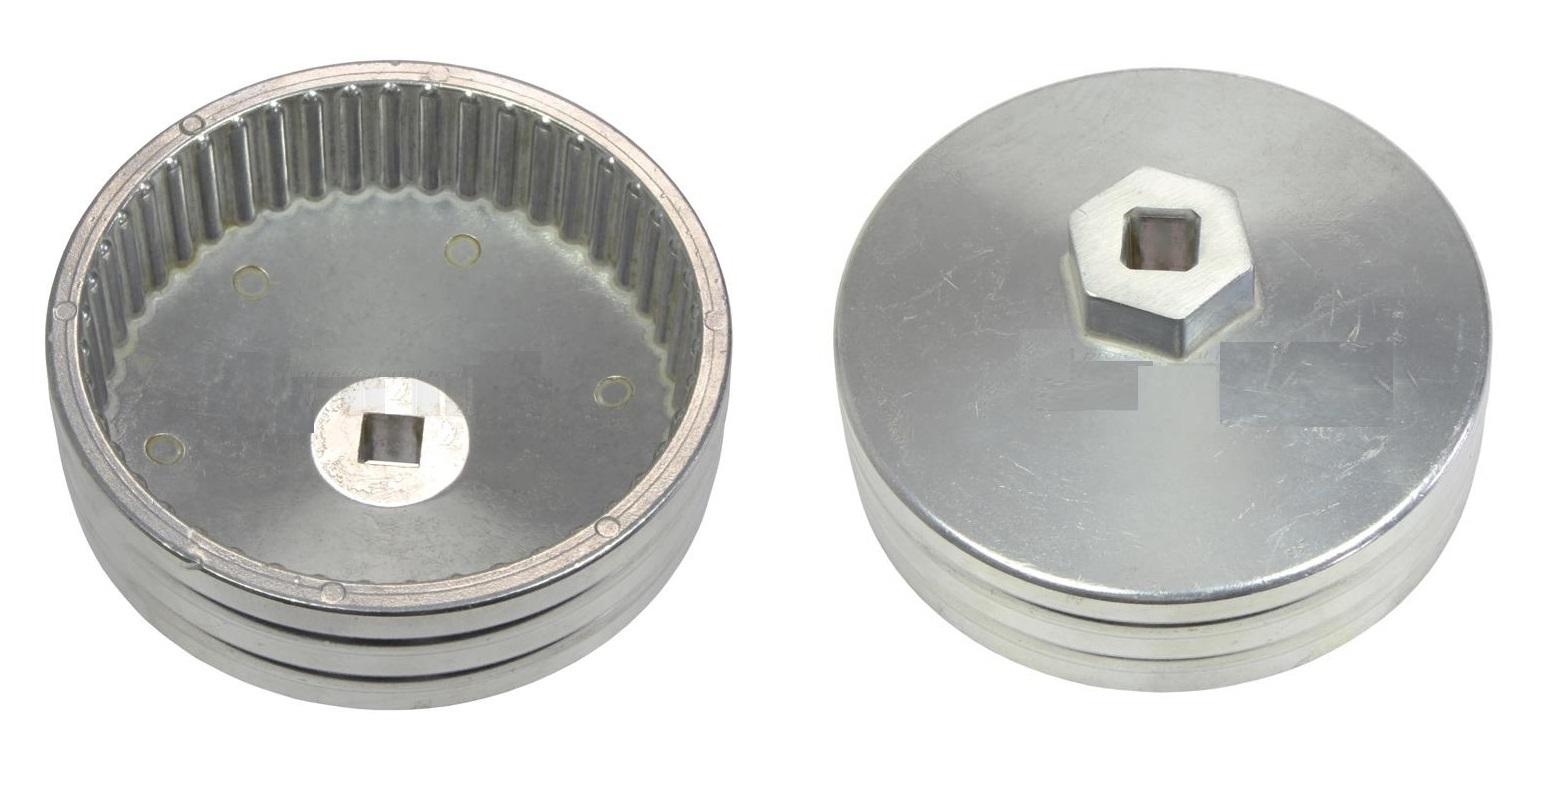 Klíč na olejové filtry 93 mm, 45 zubů, hliníkový, koncern VAG 2.4, 2.6, 2.8 litru diesel